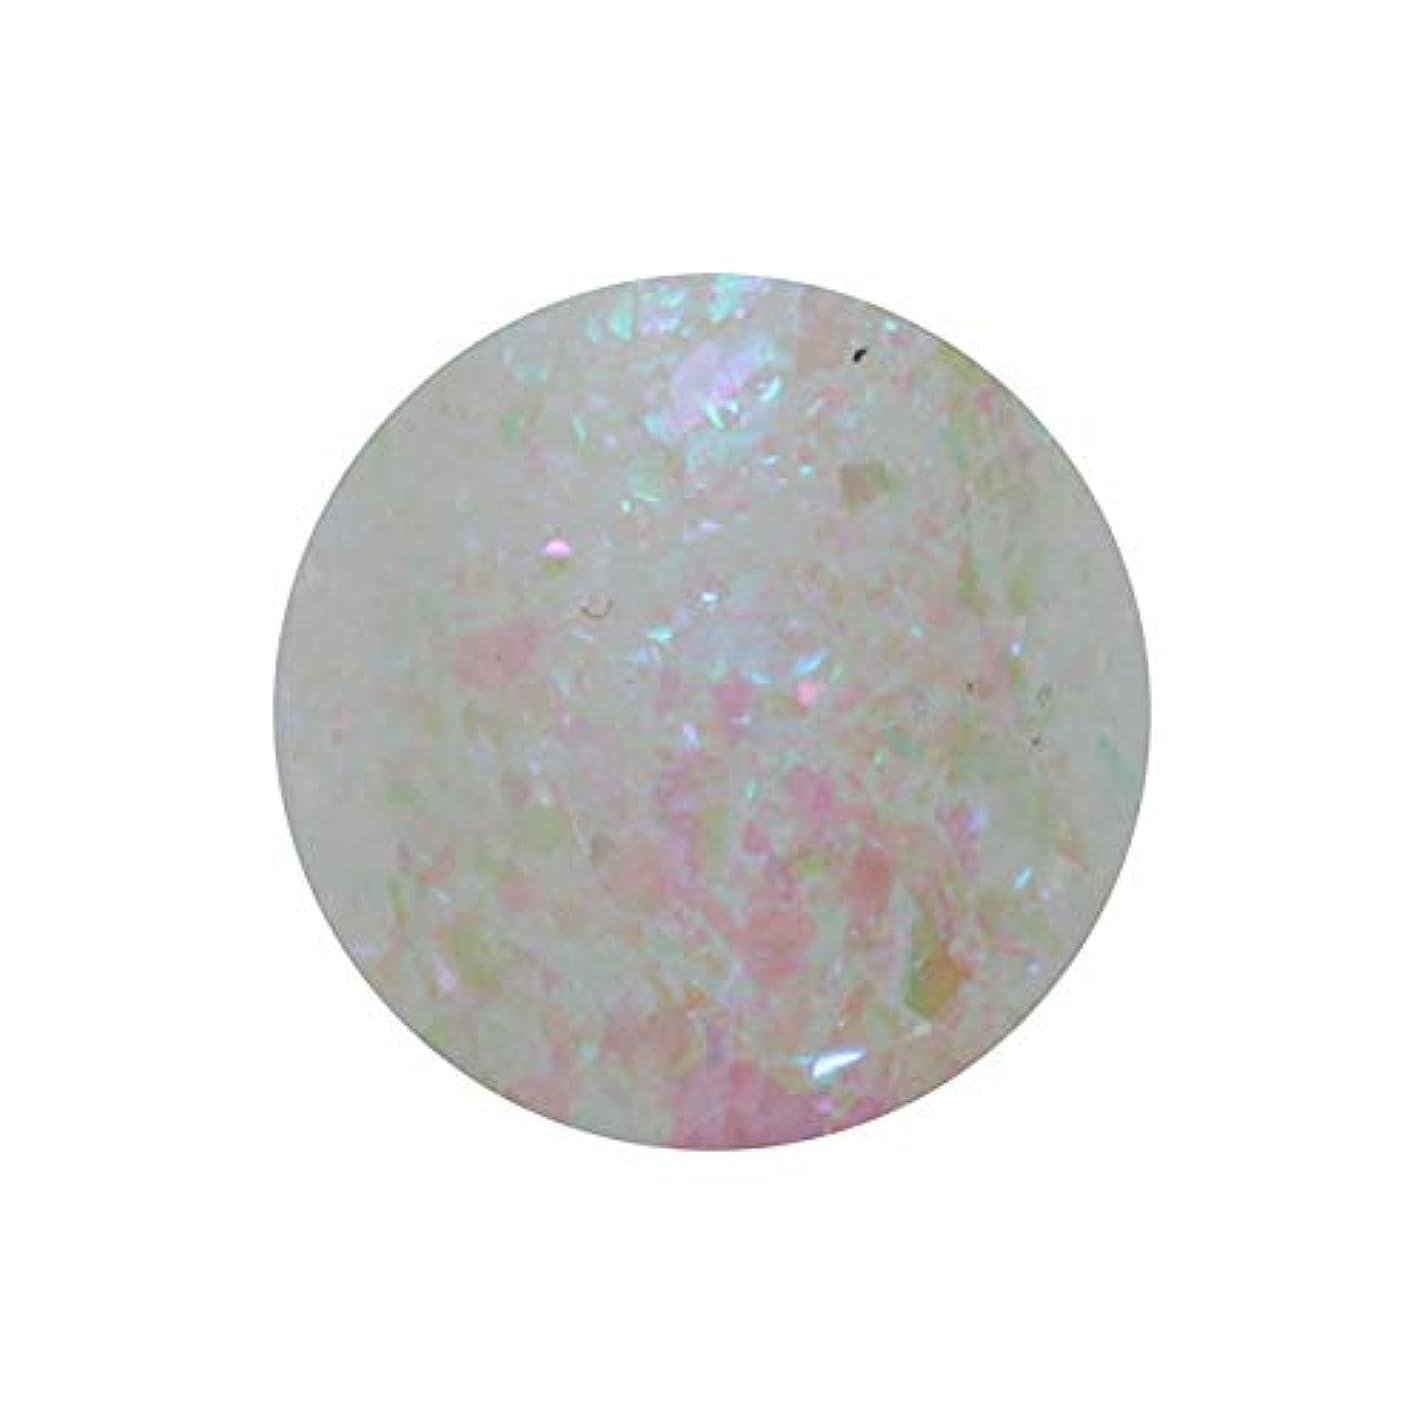 細菌食料品店一掃する【NEW】T-GEL COLLECTION TINY T005 ホログラフィーピンク 8ml